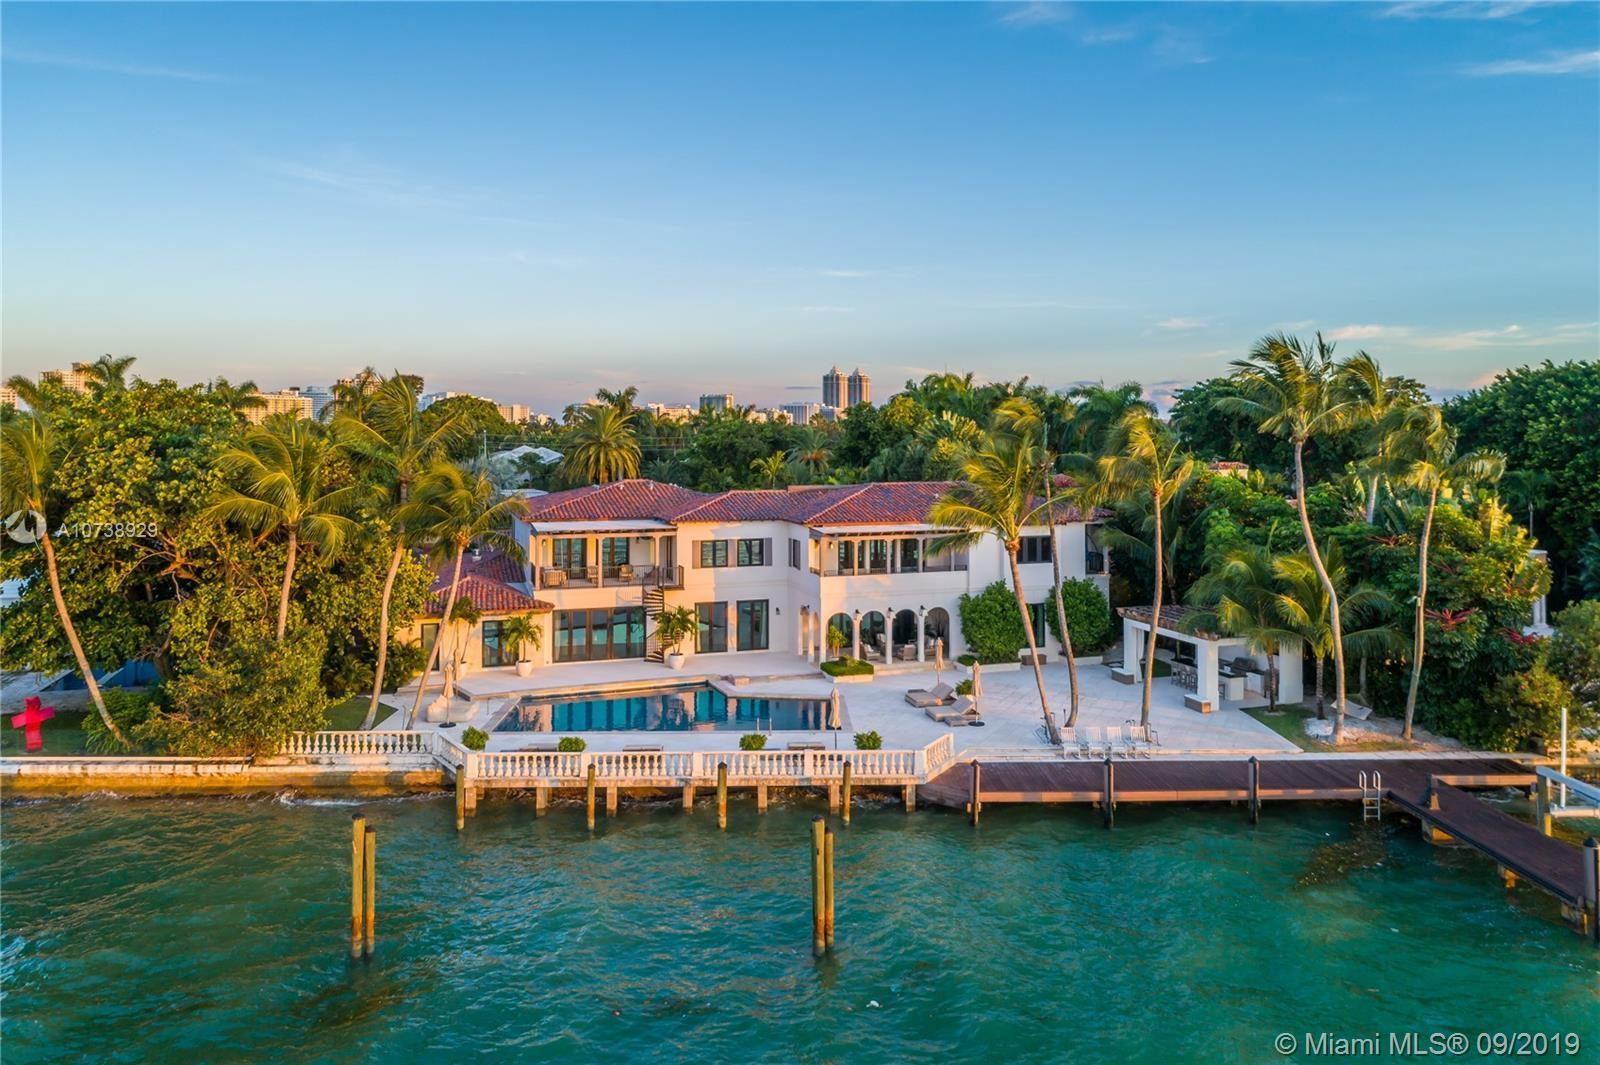 Photo of 5980 N Bay Rd, Miami Beach, FL 33140 (MLS # A10738929)